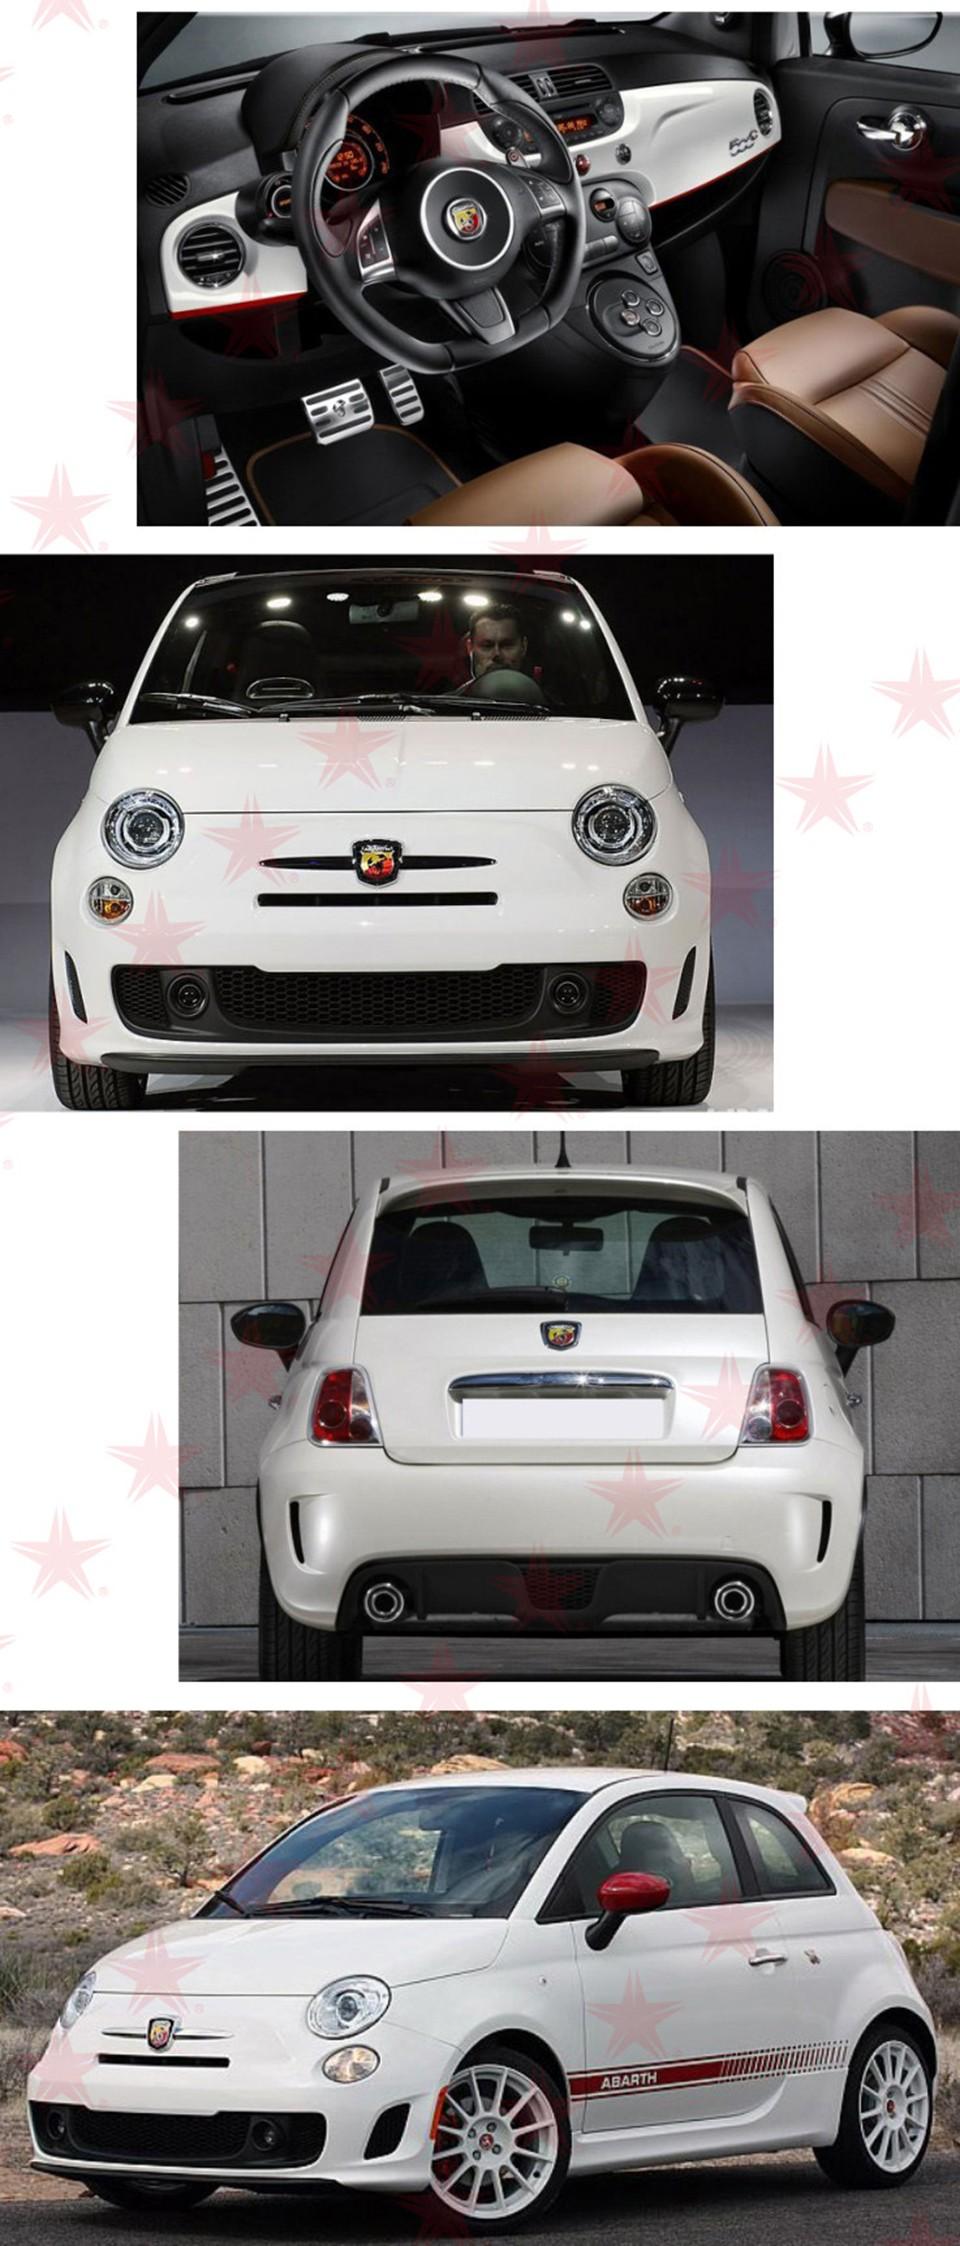 Großhandel 3d 3m Auto Abarth Metal Adhesive Abzeichen Emblem Logo Aufkleber Aufkleber Scorpion Für Alle Fiat Abarth Punto 124125125500 Car Styling